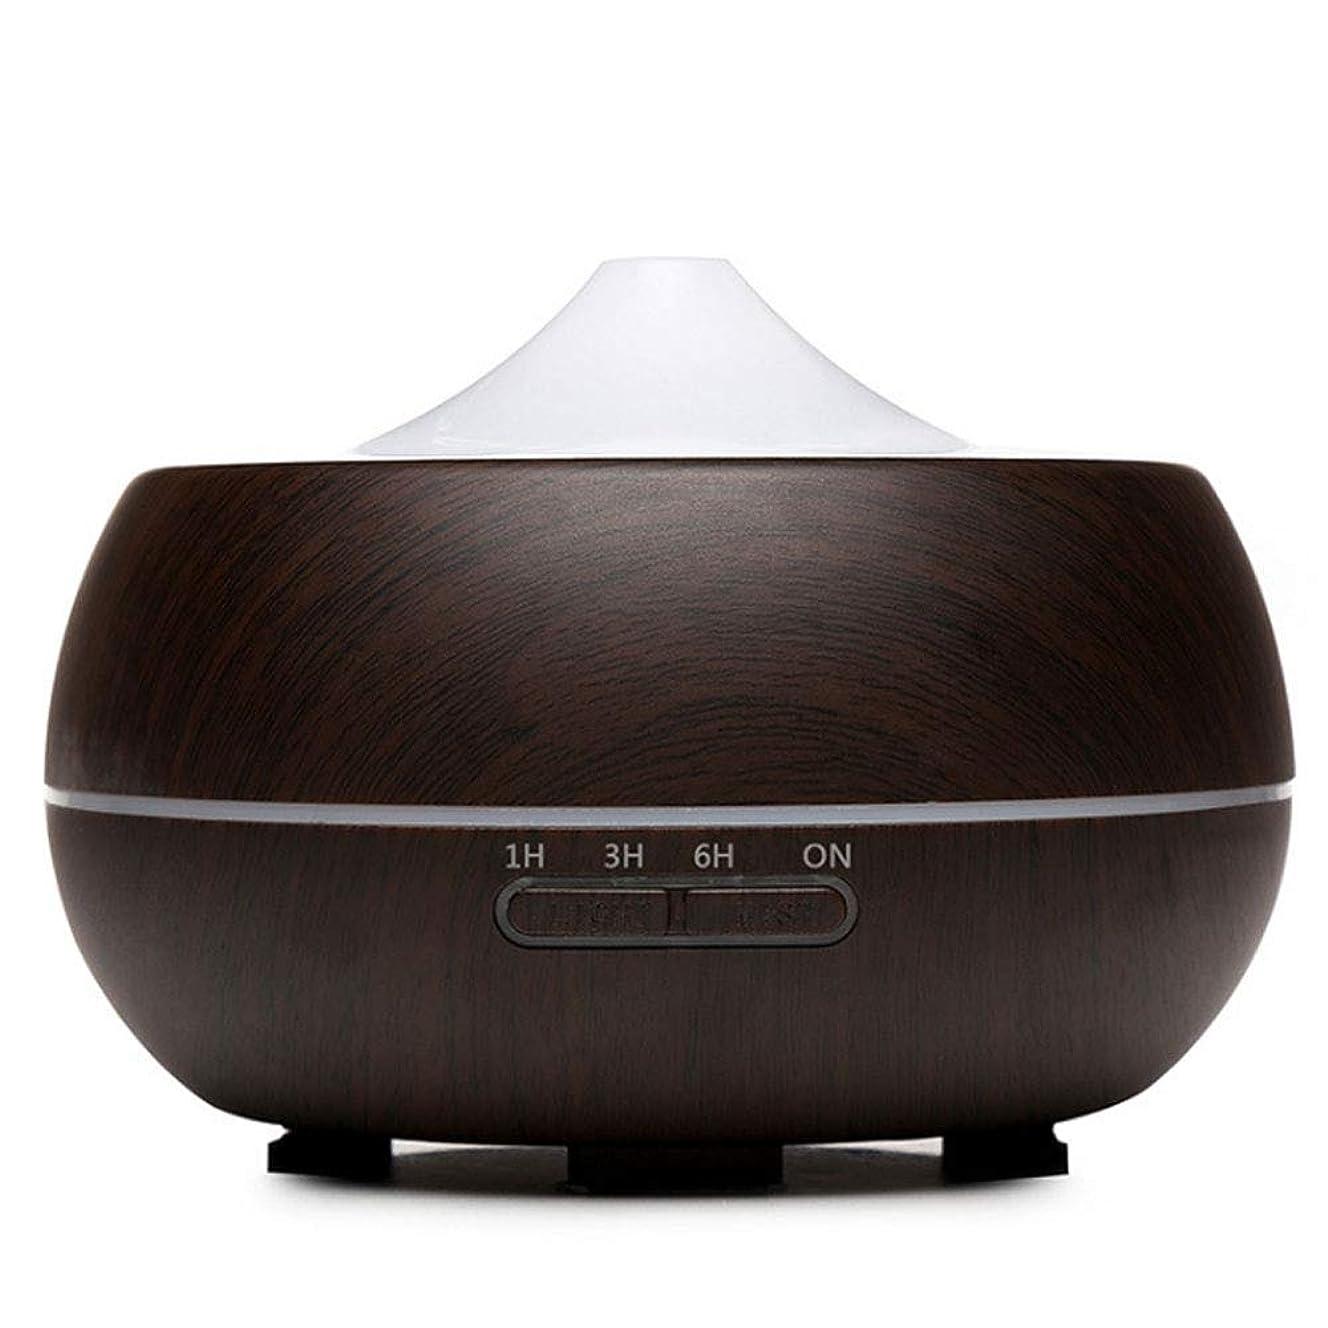 バンお酒接続300 ml アロマテラピー エッセンシャル オイル ディフューザー, 超音波 涼しい霧 humidmifier アロマディフューザー タイマー付き 7色変換 夜のライト 空焚き防止機能搭載-ブラック 17x12cm